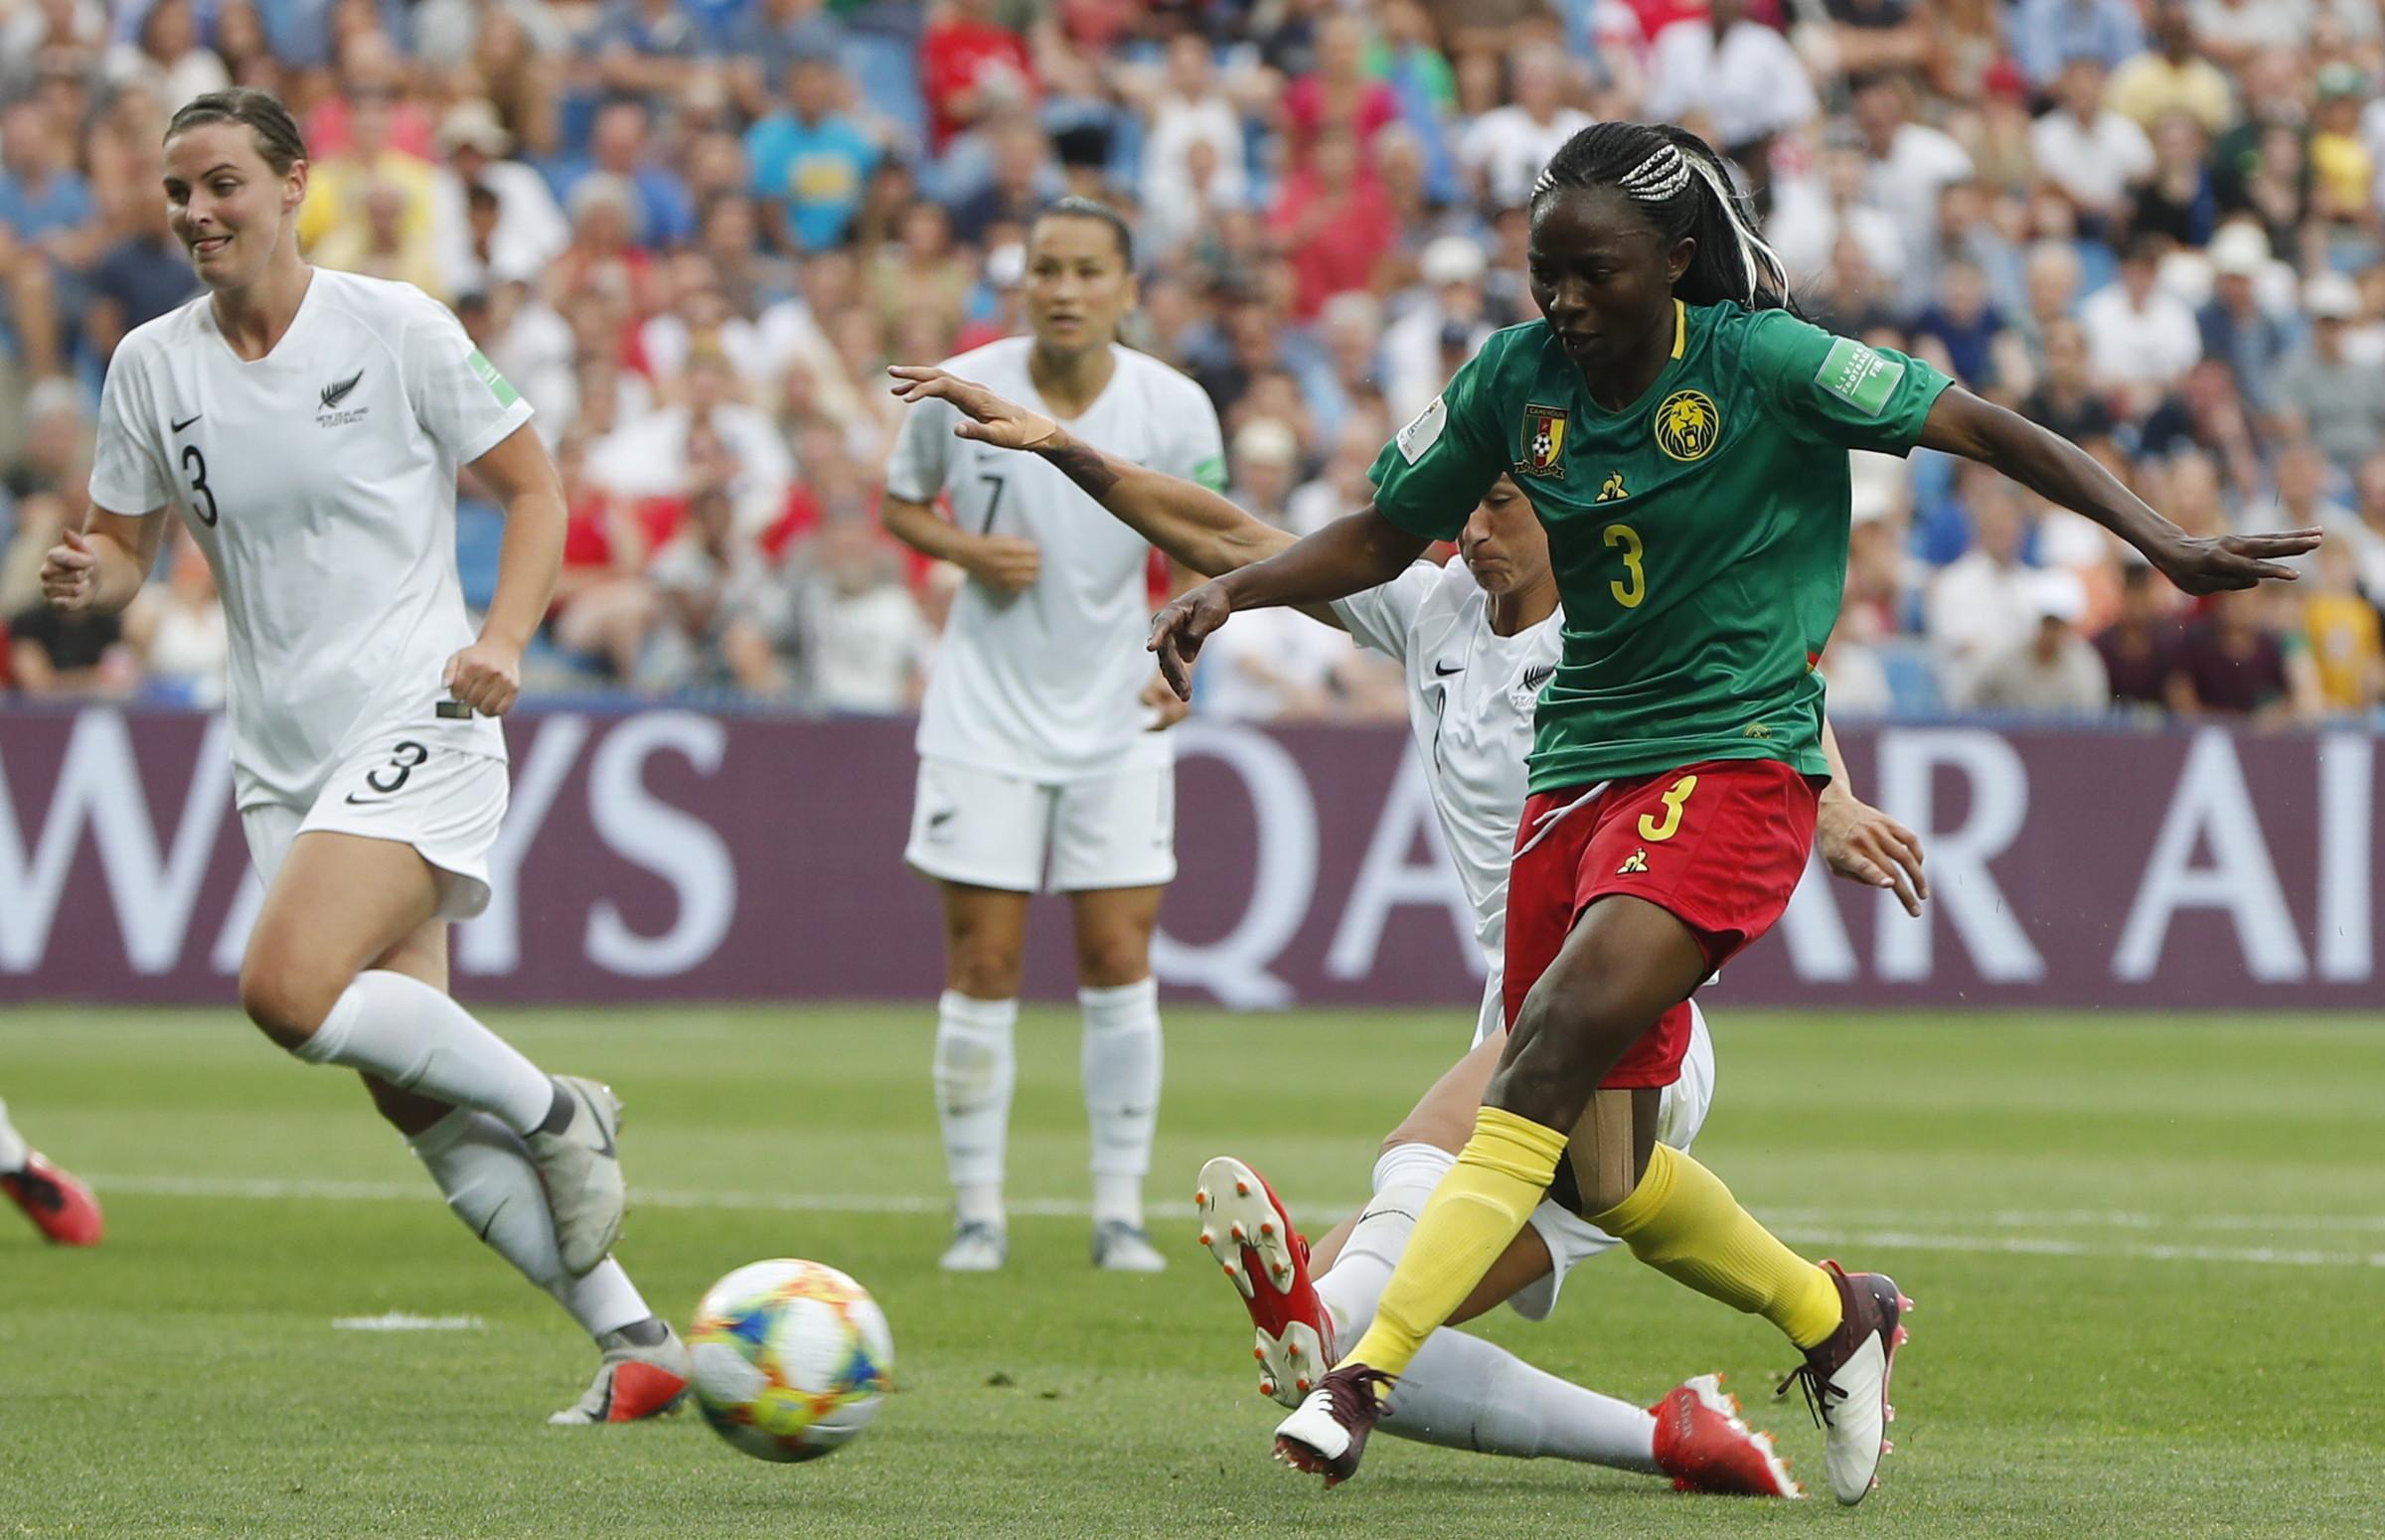 5cdd5b182 Mistrzostwa świata kobiet w piłce nożnej. Awans Kamerunu i Nigerii (wyniki,  tabele)   Eurosport w TVN24 - Piłka nożna - TVN24